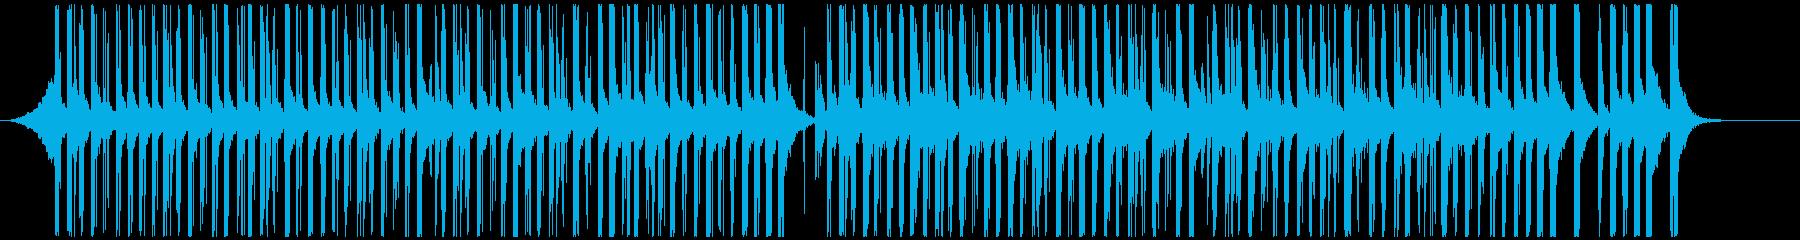 ドラムと手拍子ジングル明るい疾走感(中) の再生済みの波形